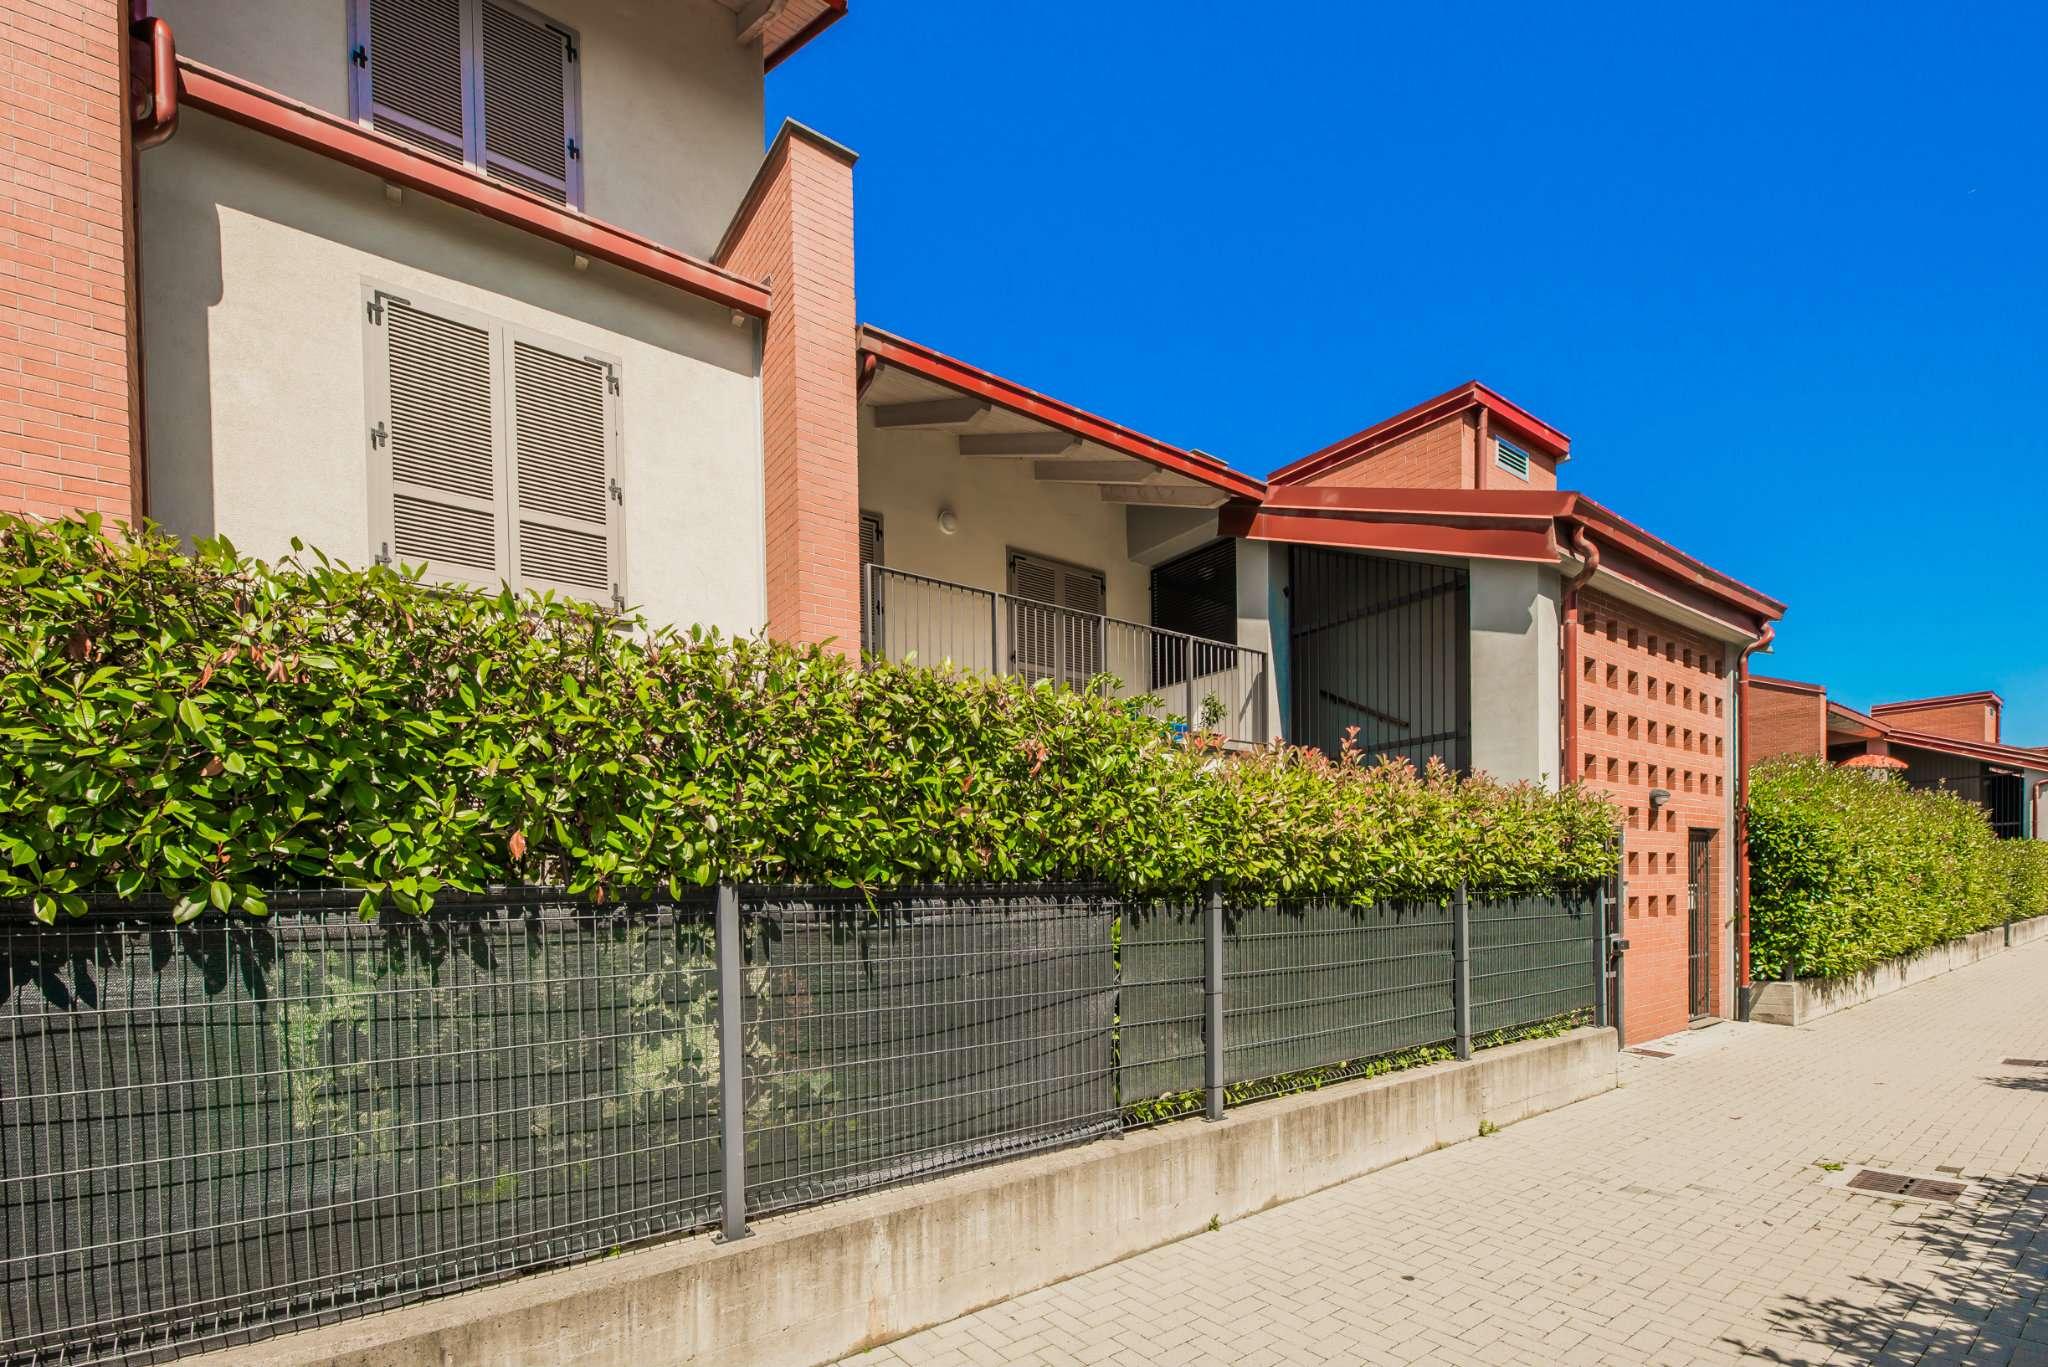 Appartamento in vendita a Grugliasco, 3 locali, prezzo € 215.000 | CambioCasa.it